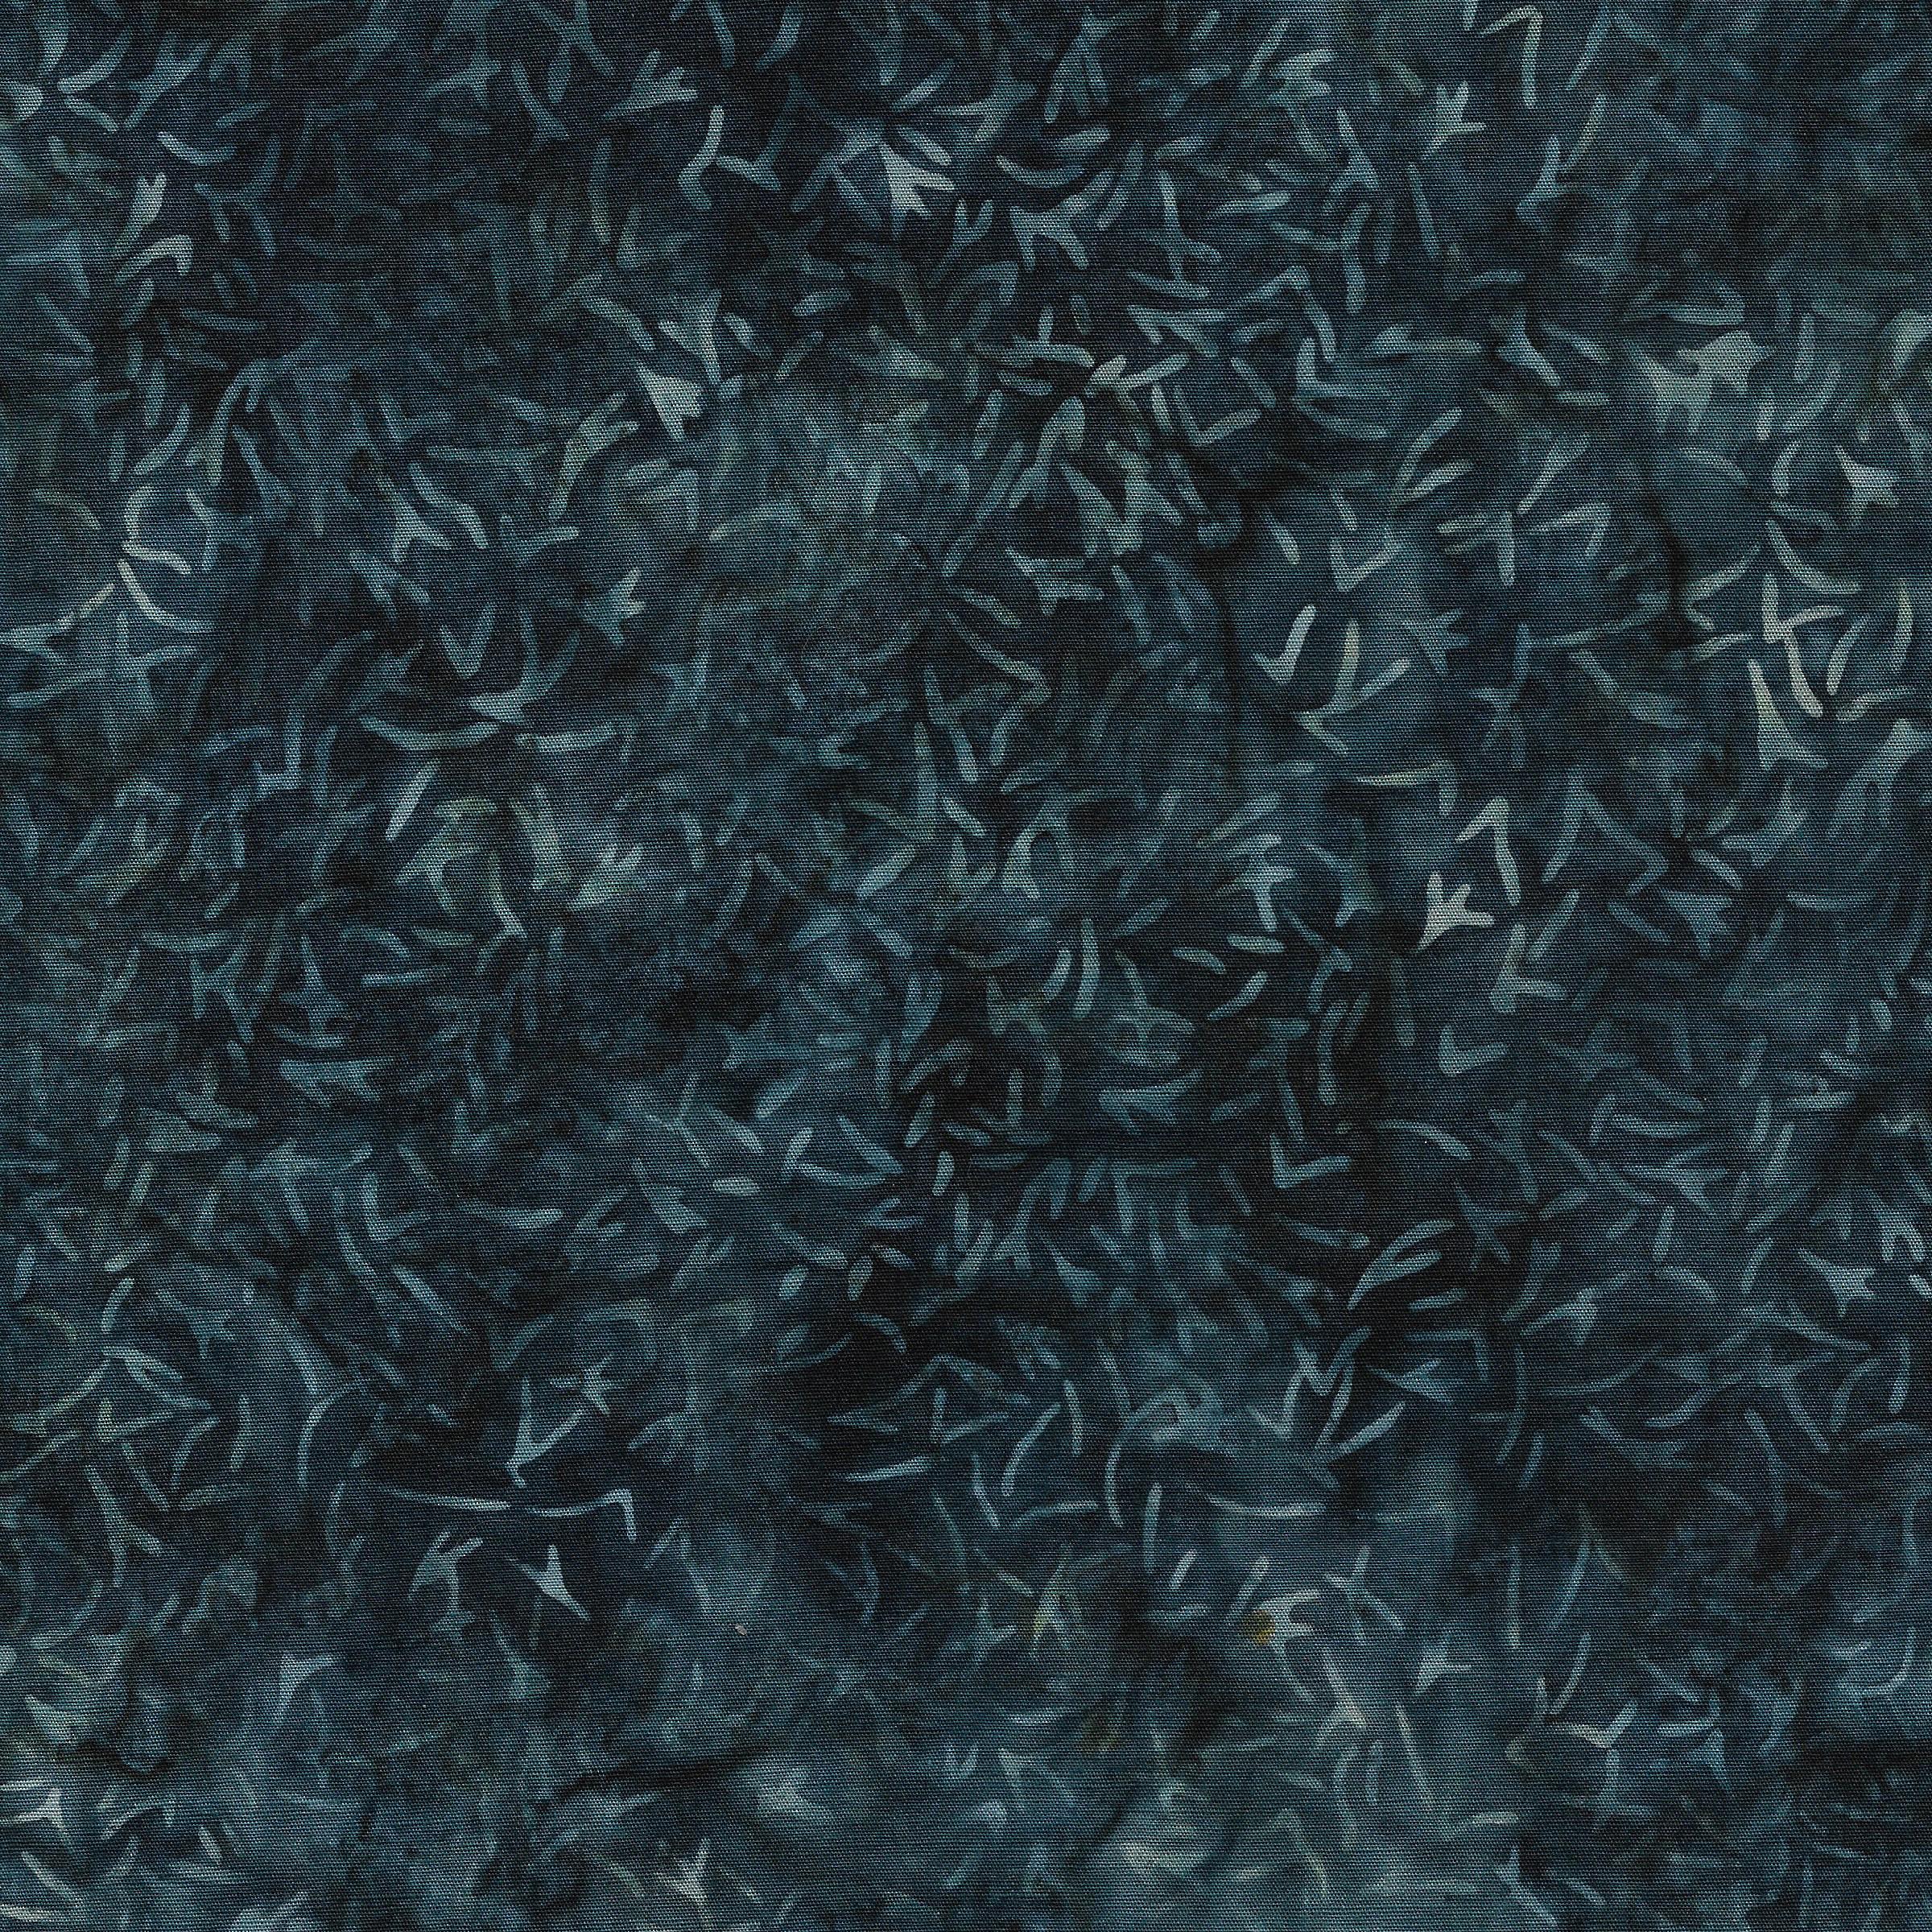 Pine Needles-Dark Lagoon 711904560